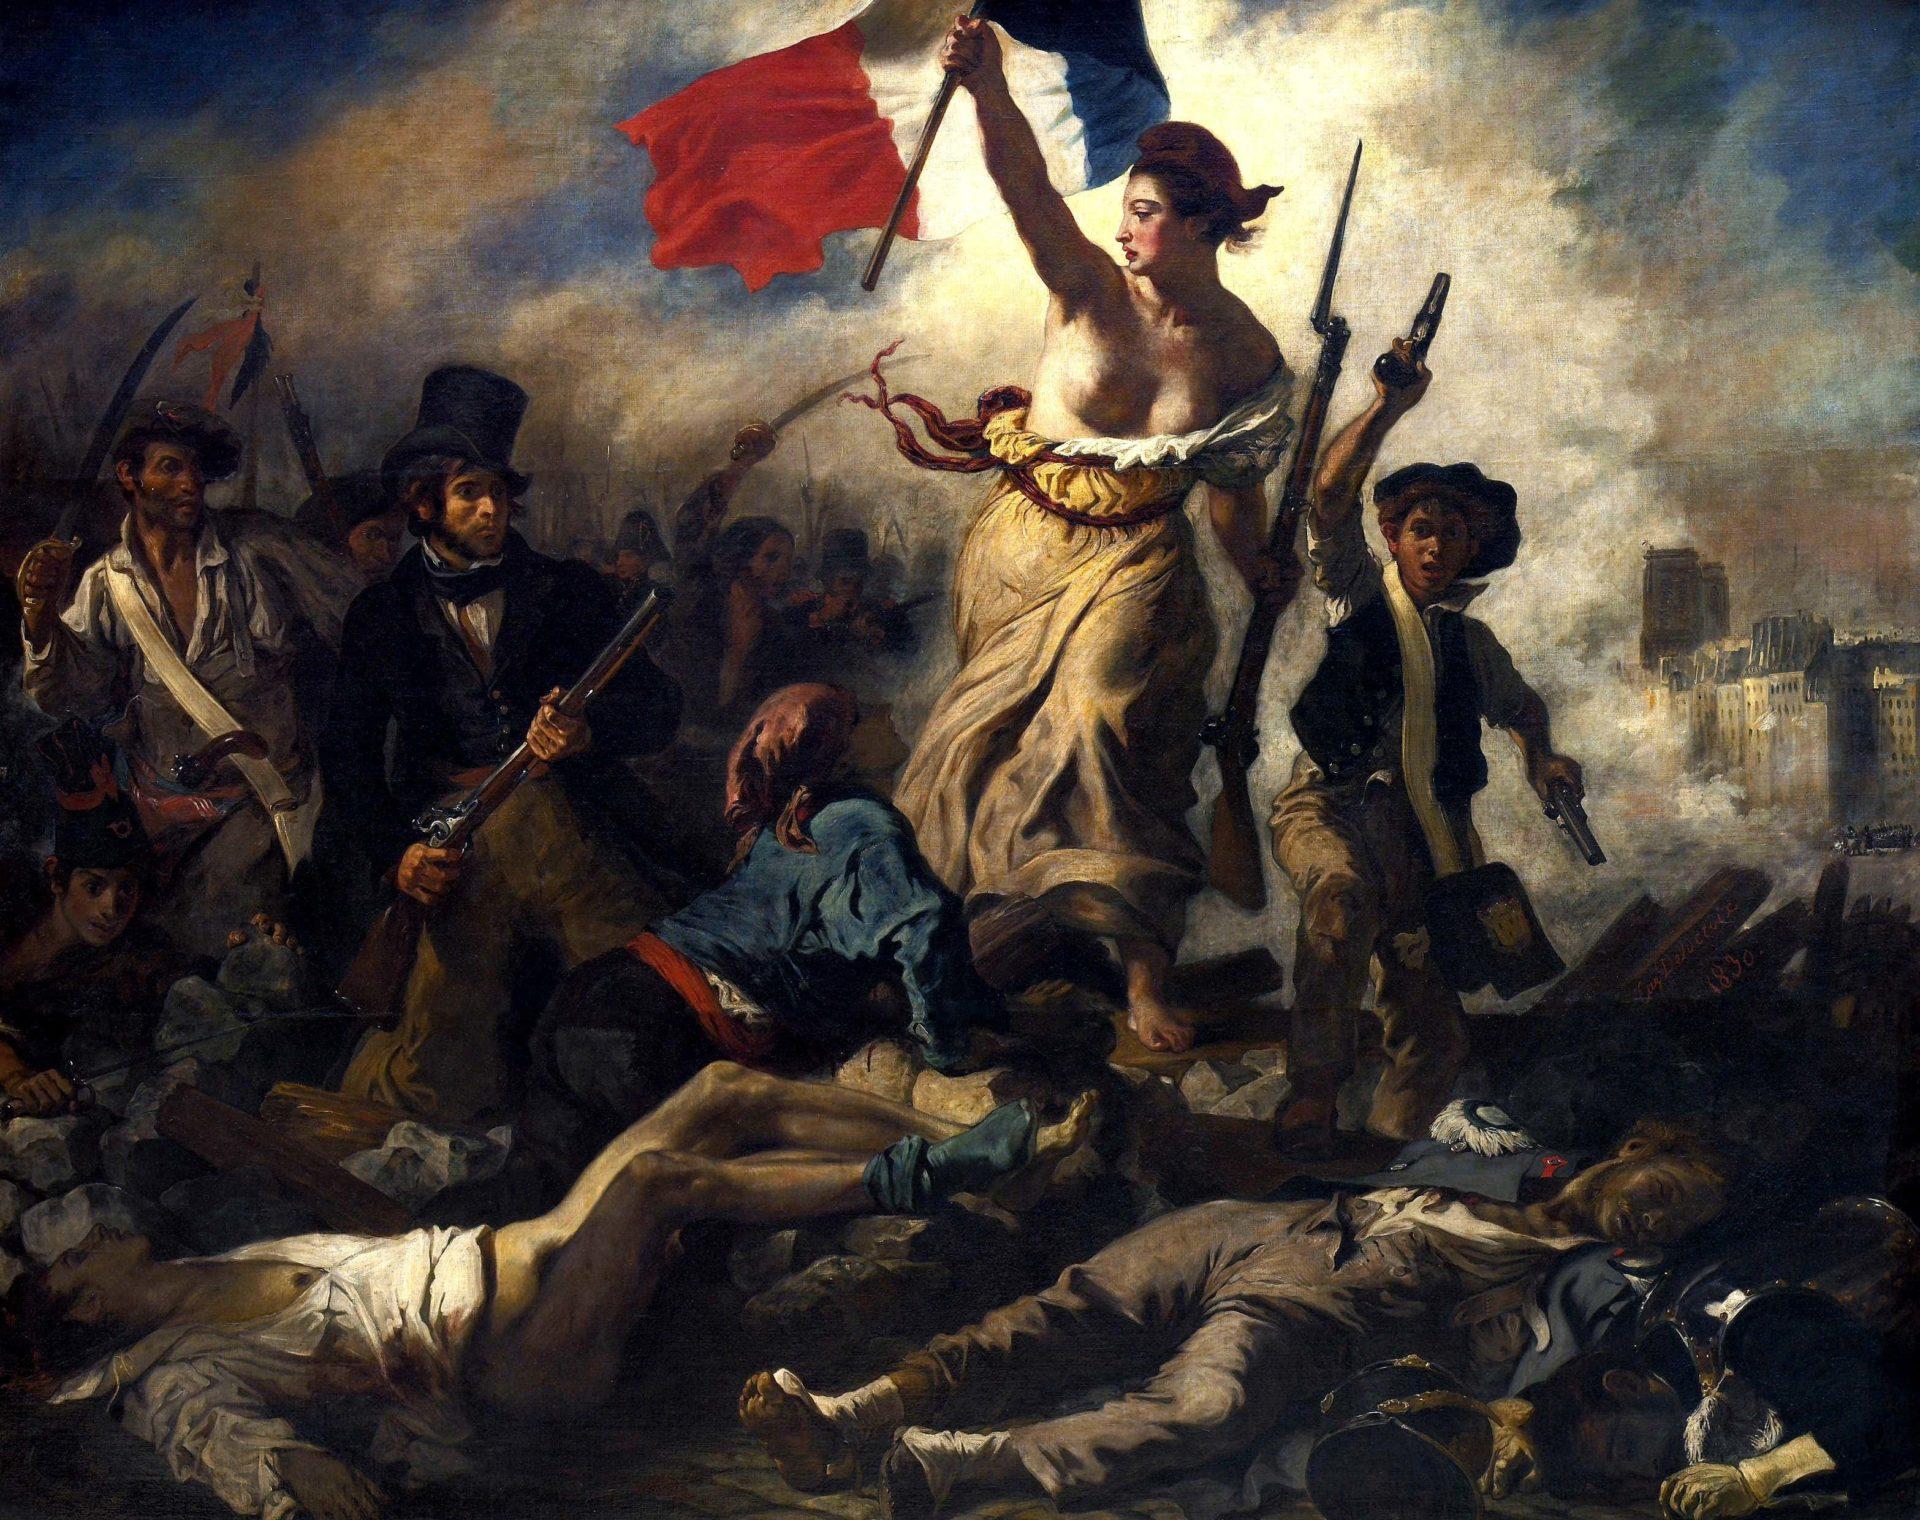 La liberté guidant le peuple d'Eugène Delacroix.